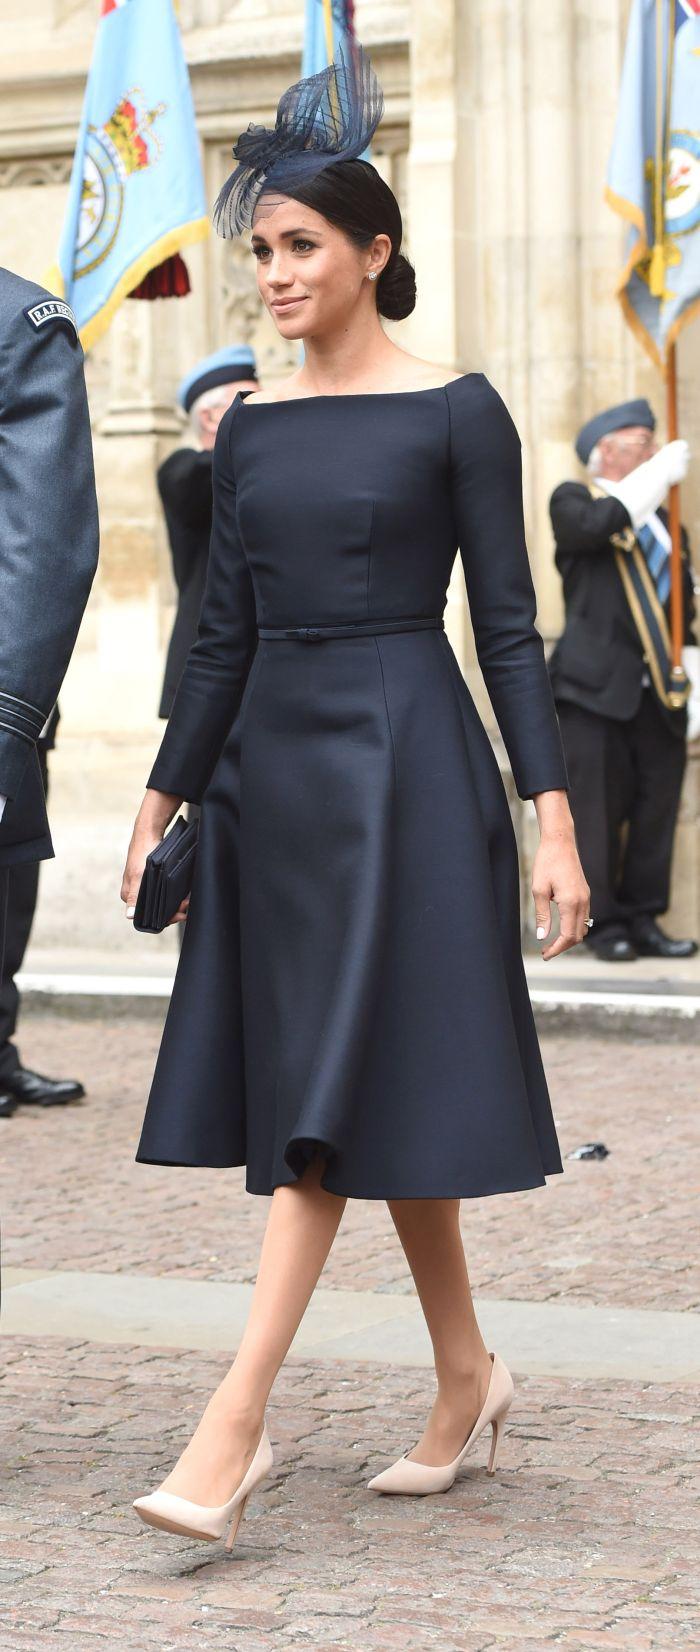 Deși nou-intrată în familia regală, Meghan Markle deține și ea un loc fruntaș în topul celor mai bine îmbrăcate personalități.